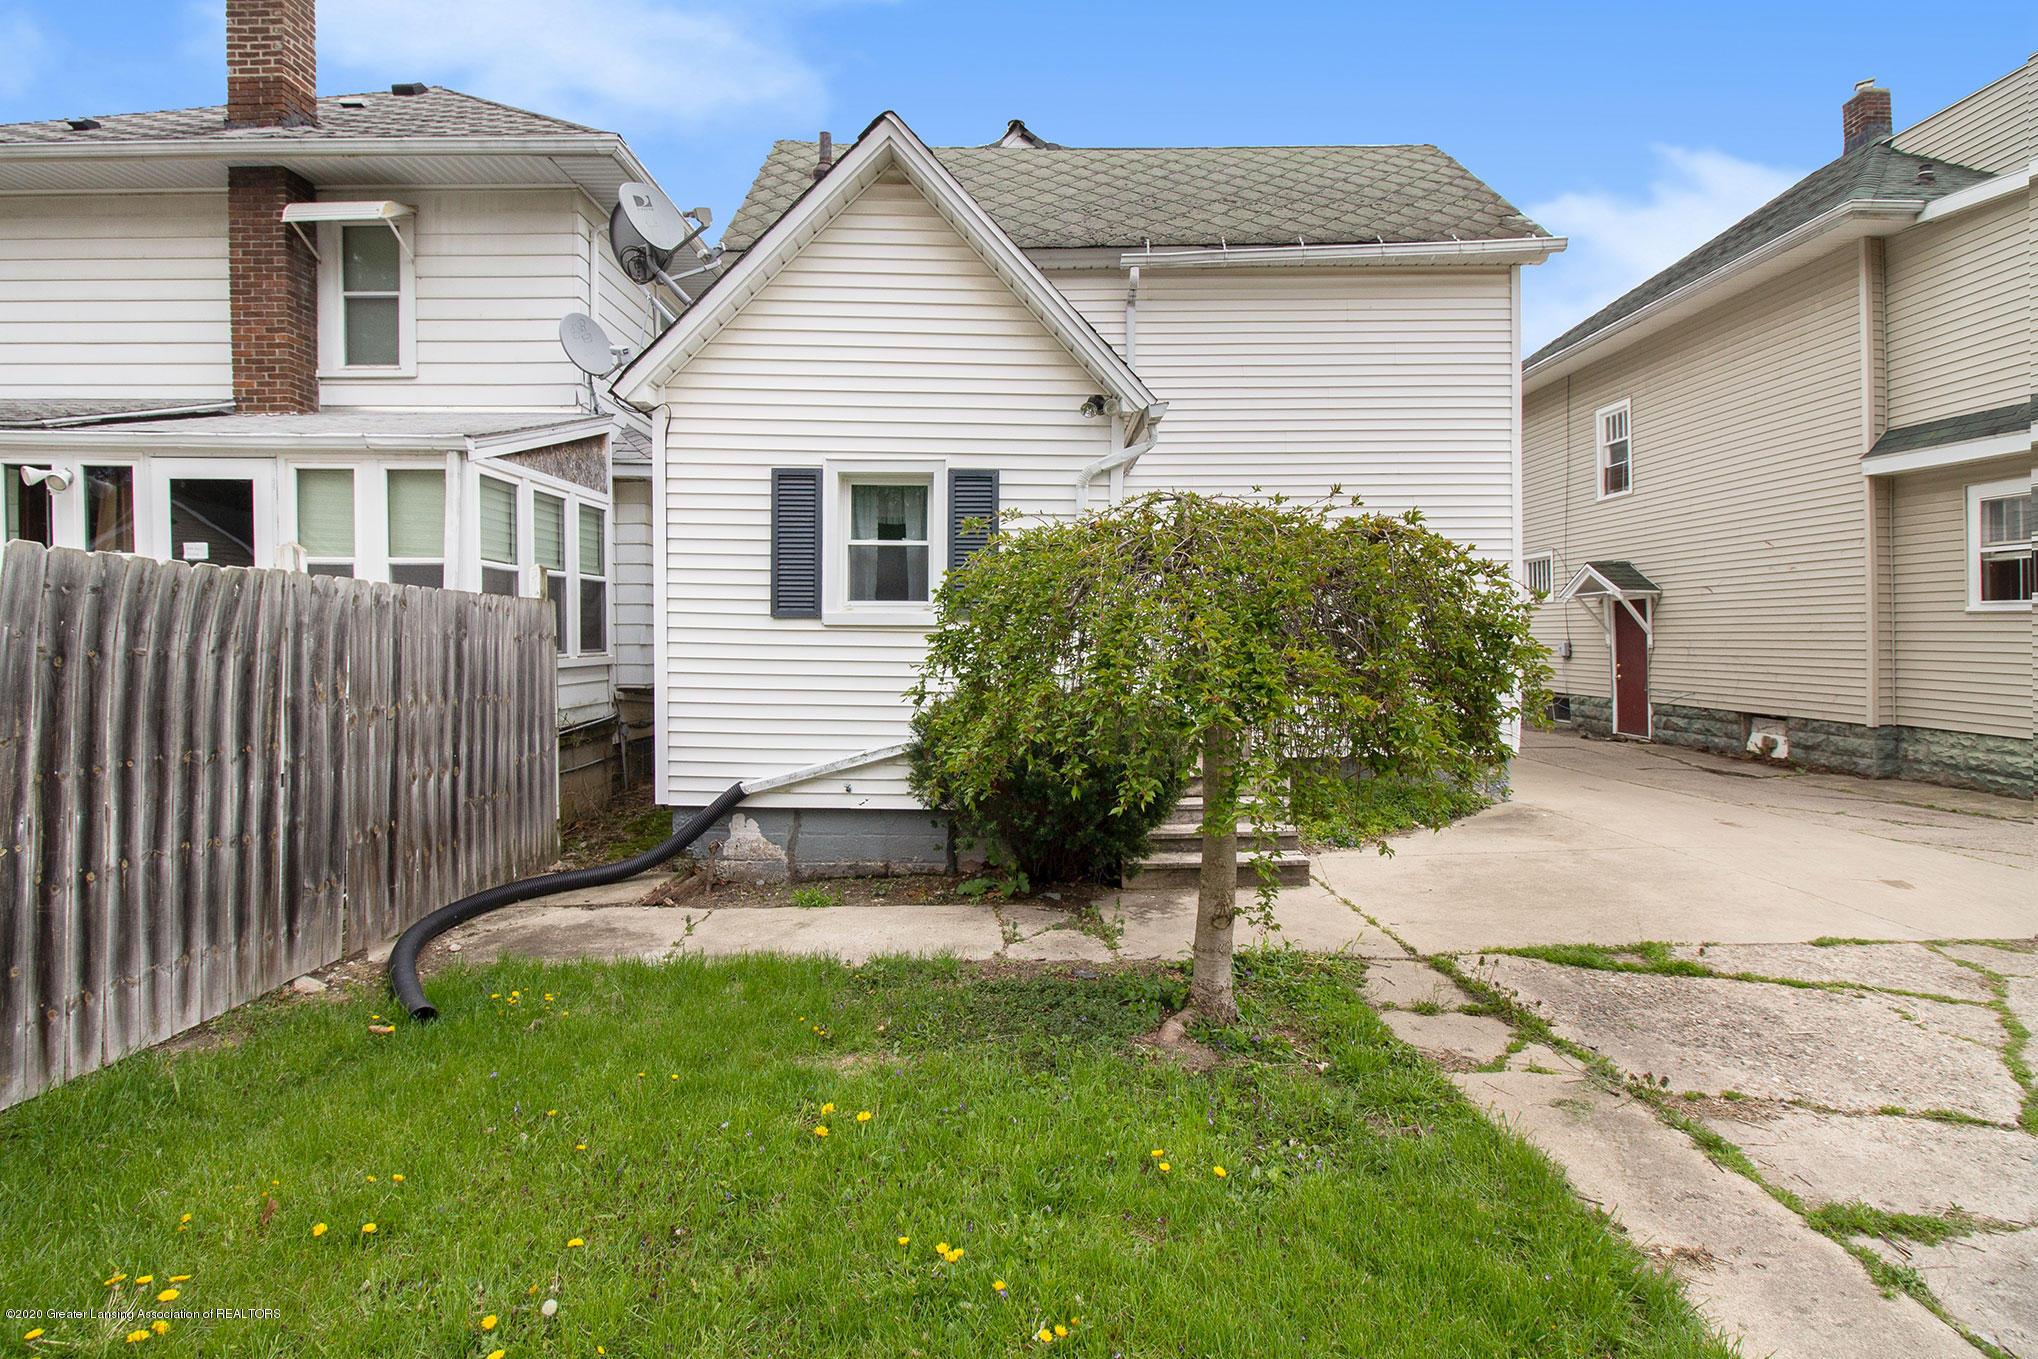 337 N Fairview Ave - 27 - 22